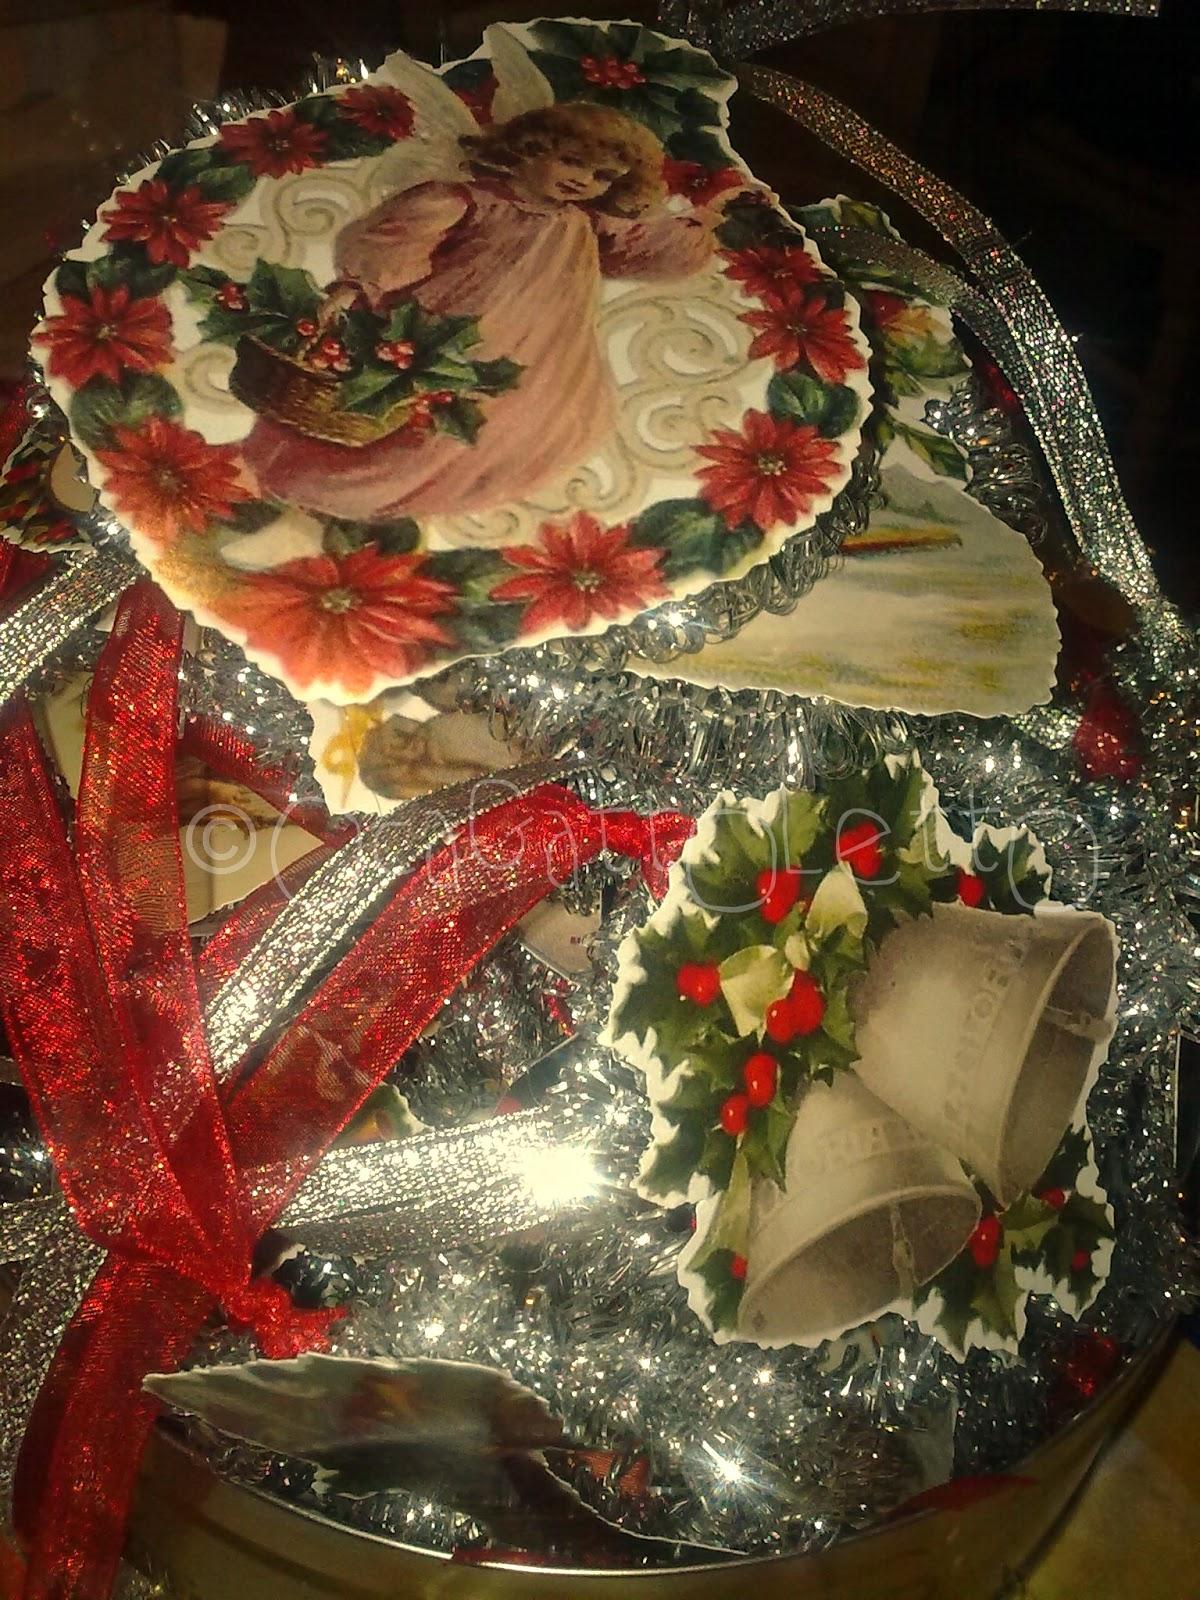 Ocagattoletto decorazioni natalizie vintage angeli per - Decorazioni vintage ...